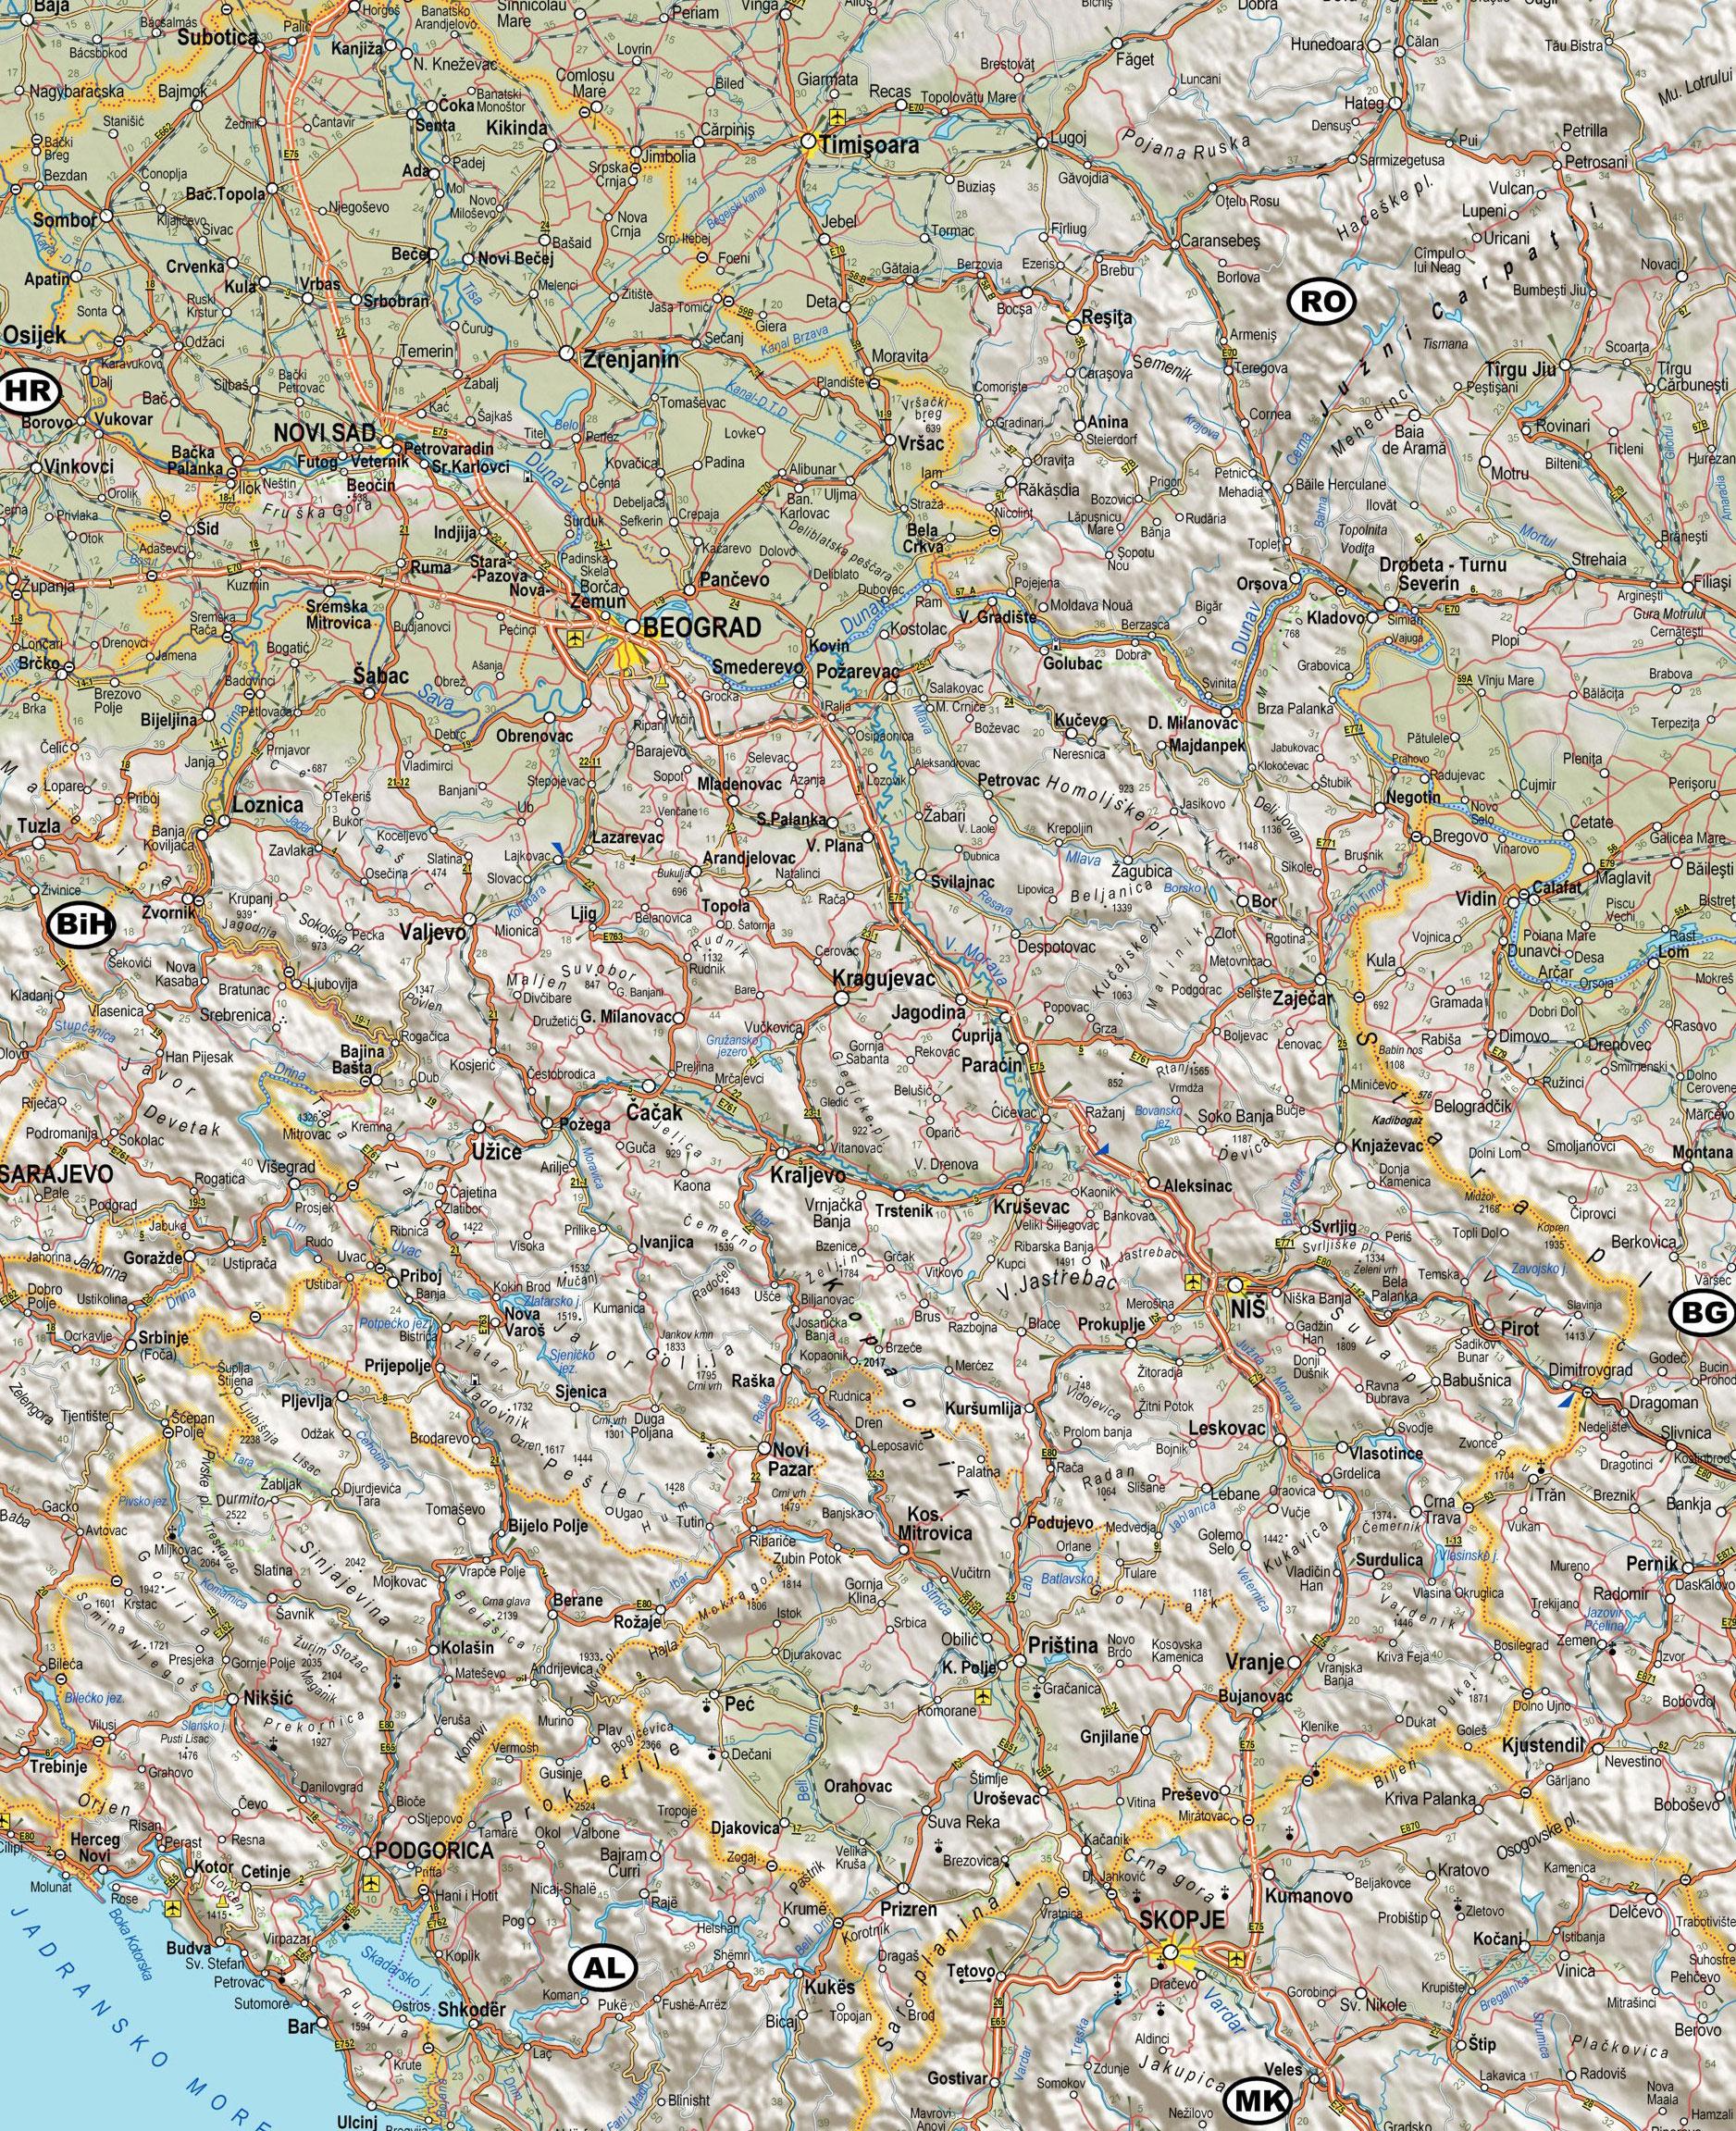 karta srbije satelitski Auto karta Srbije – Motorna vozila karta srbije satelitski